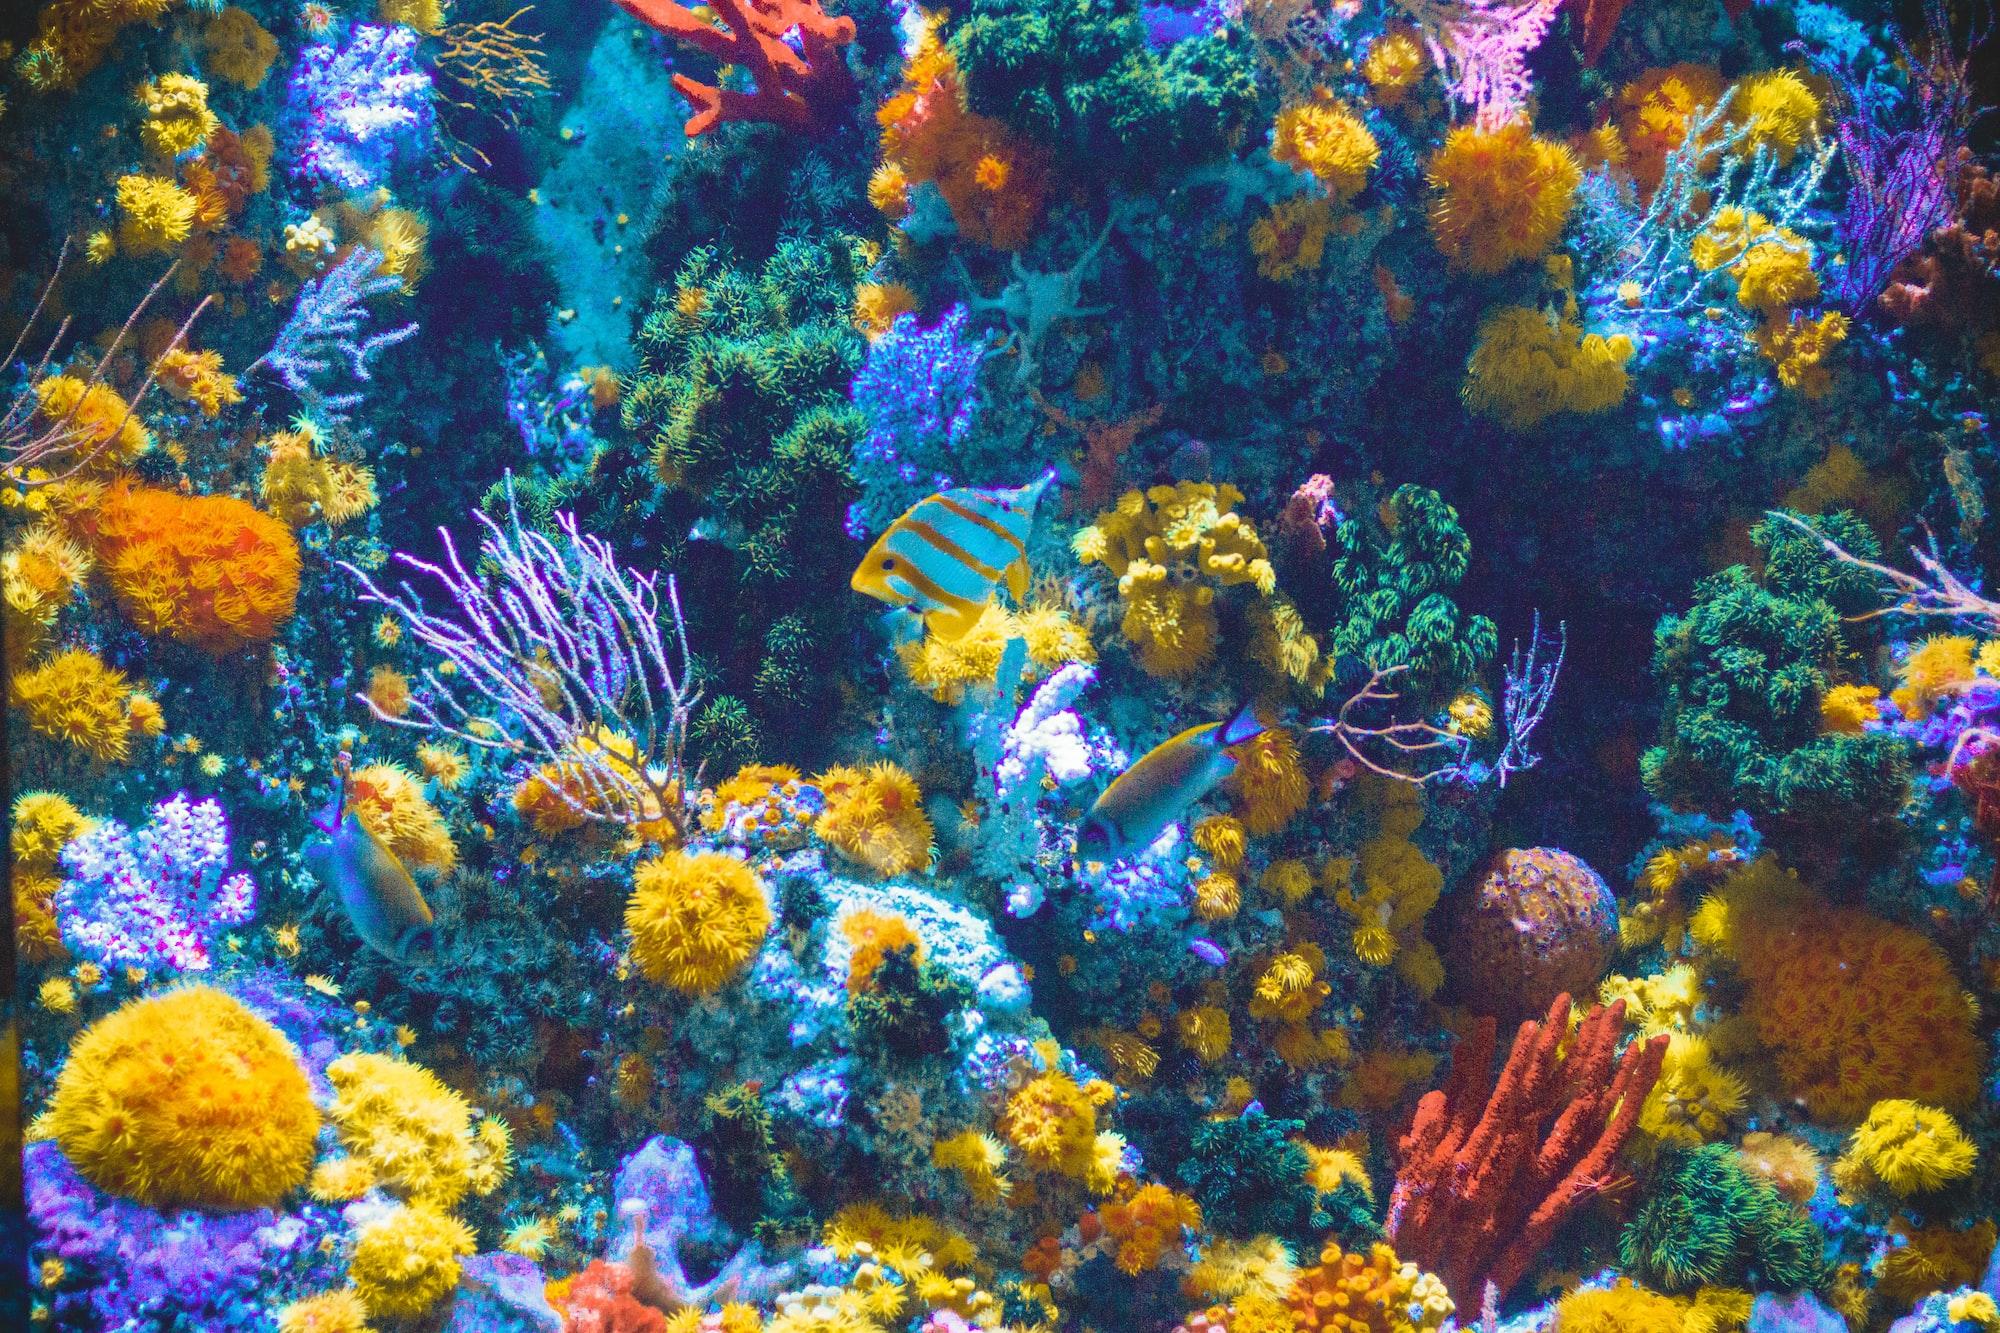 Bělení korálů může být i barevné, potvrdila nová studie